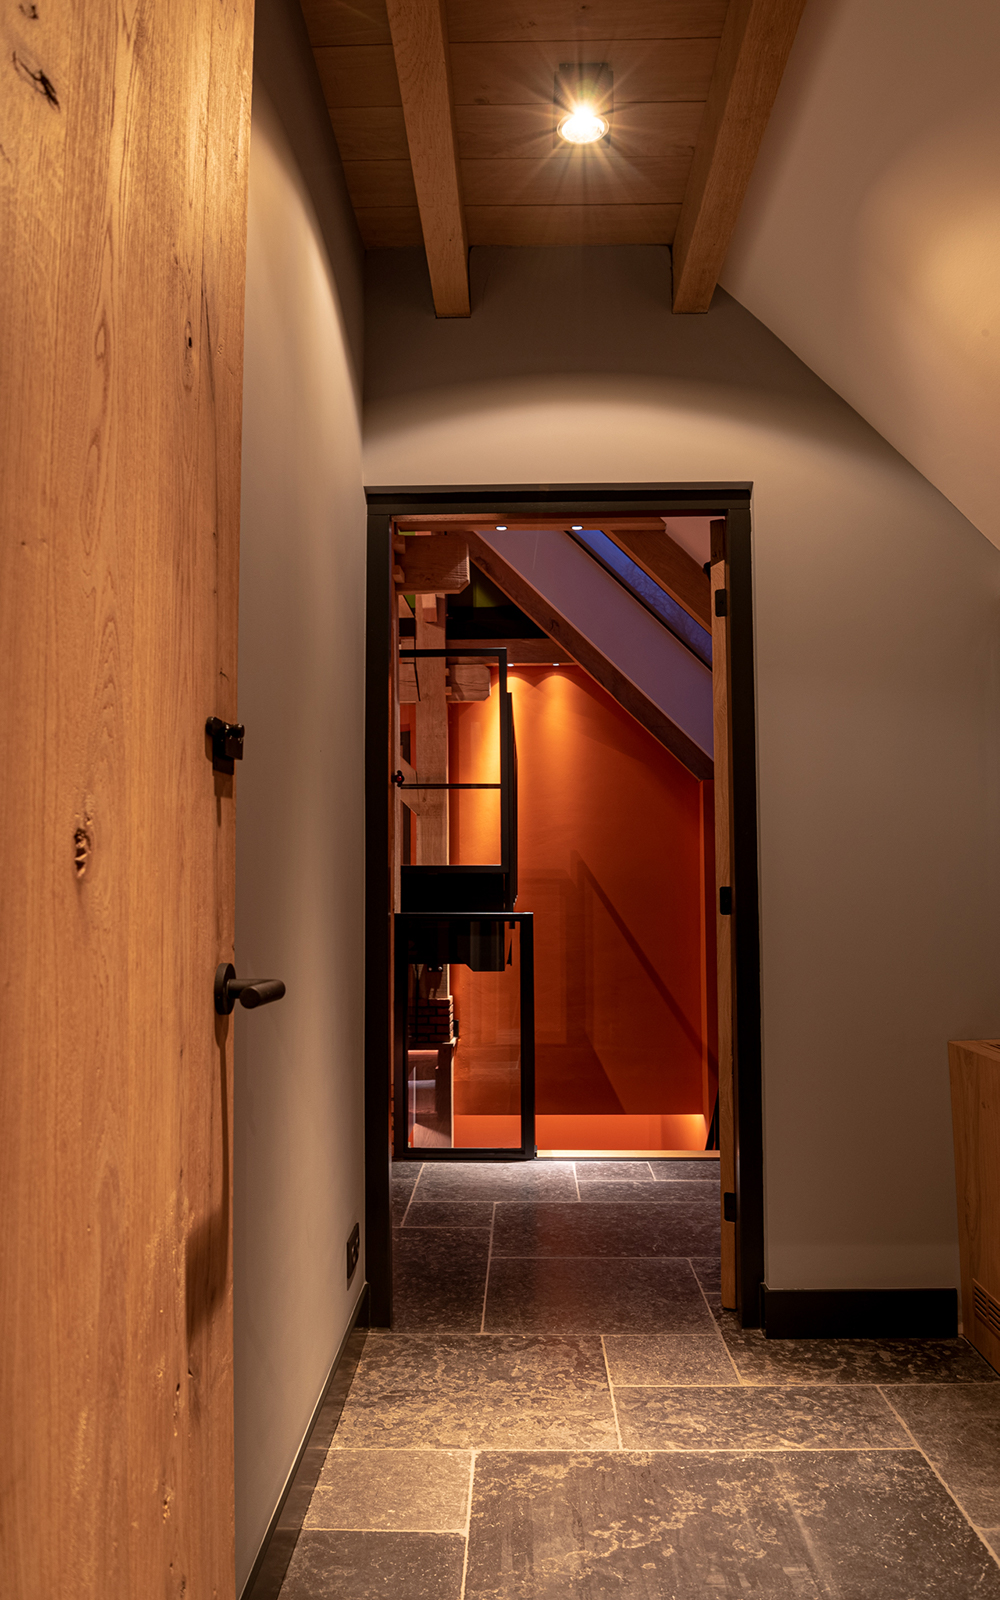 Moresenz, Morelight, gemakkelijk domotica systeem, eigen interieur